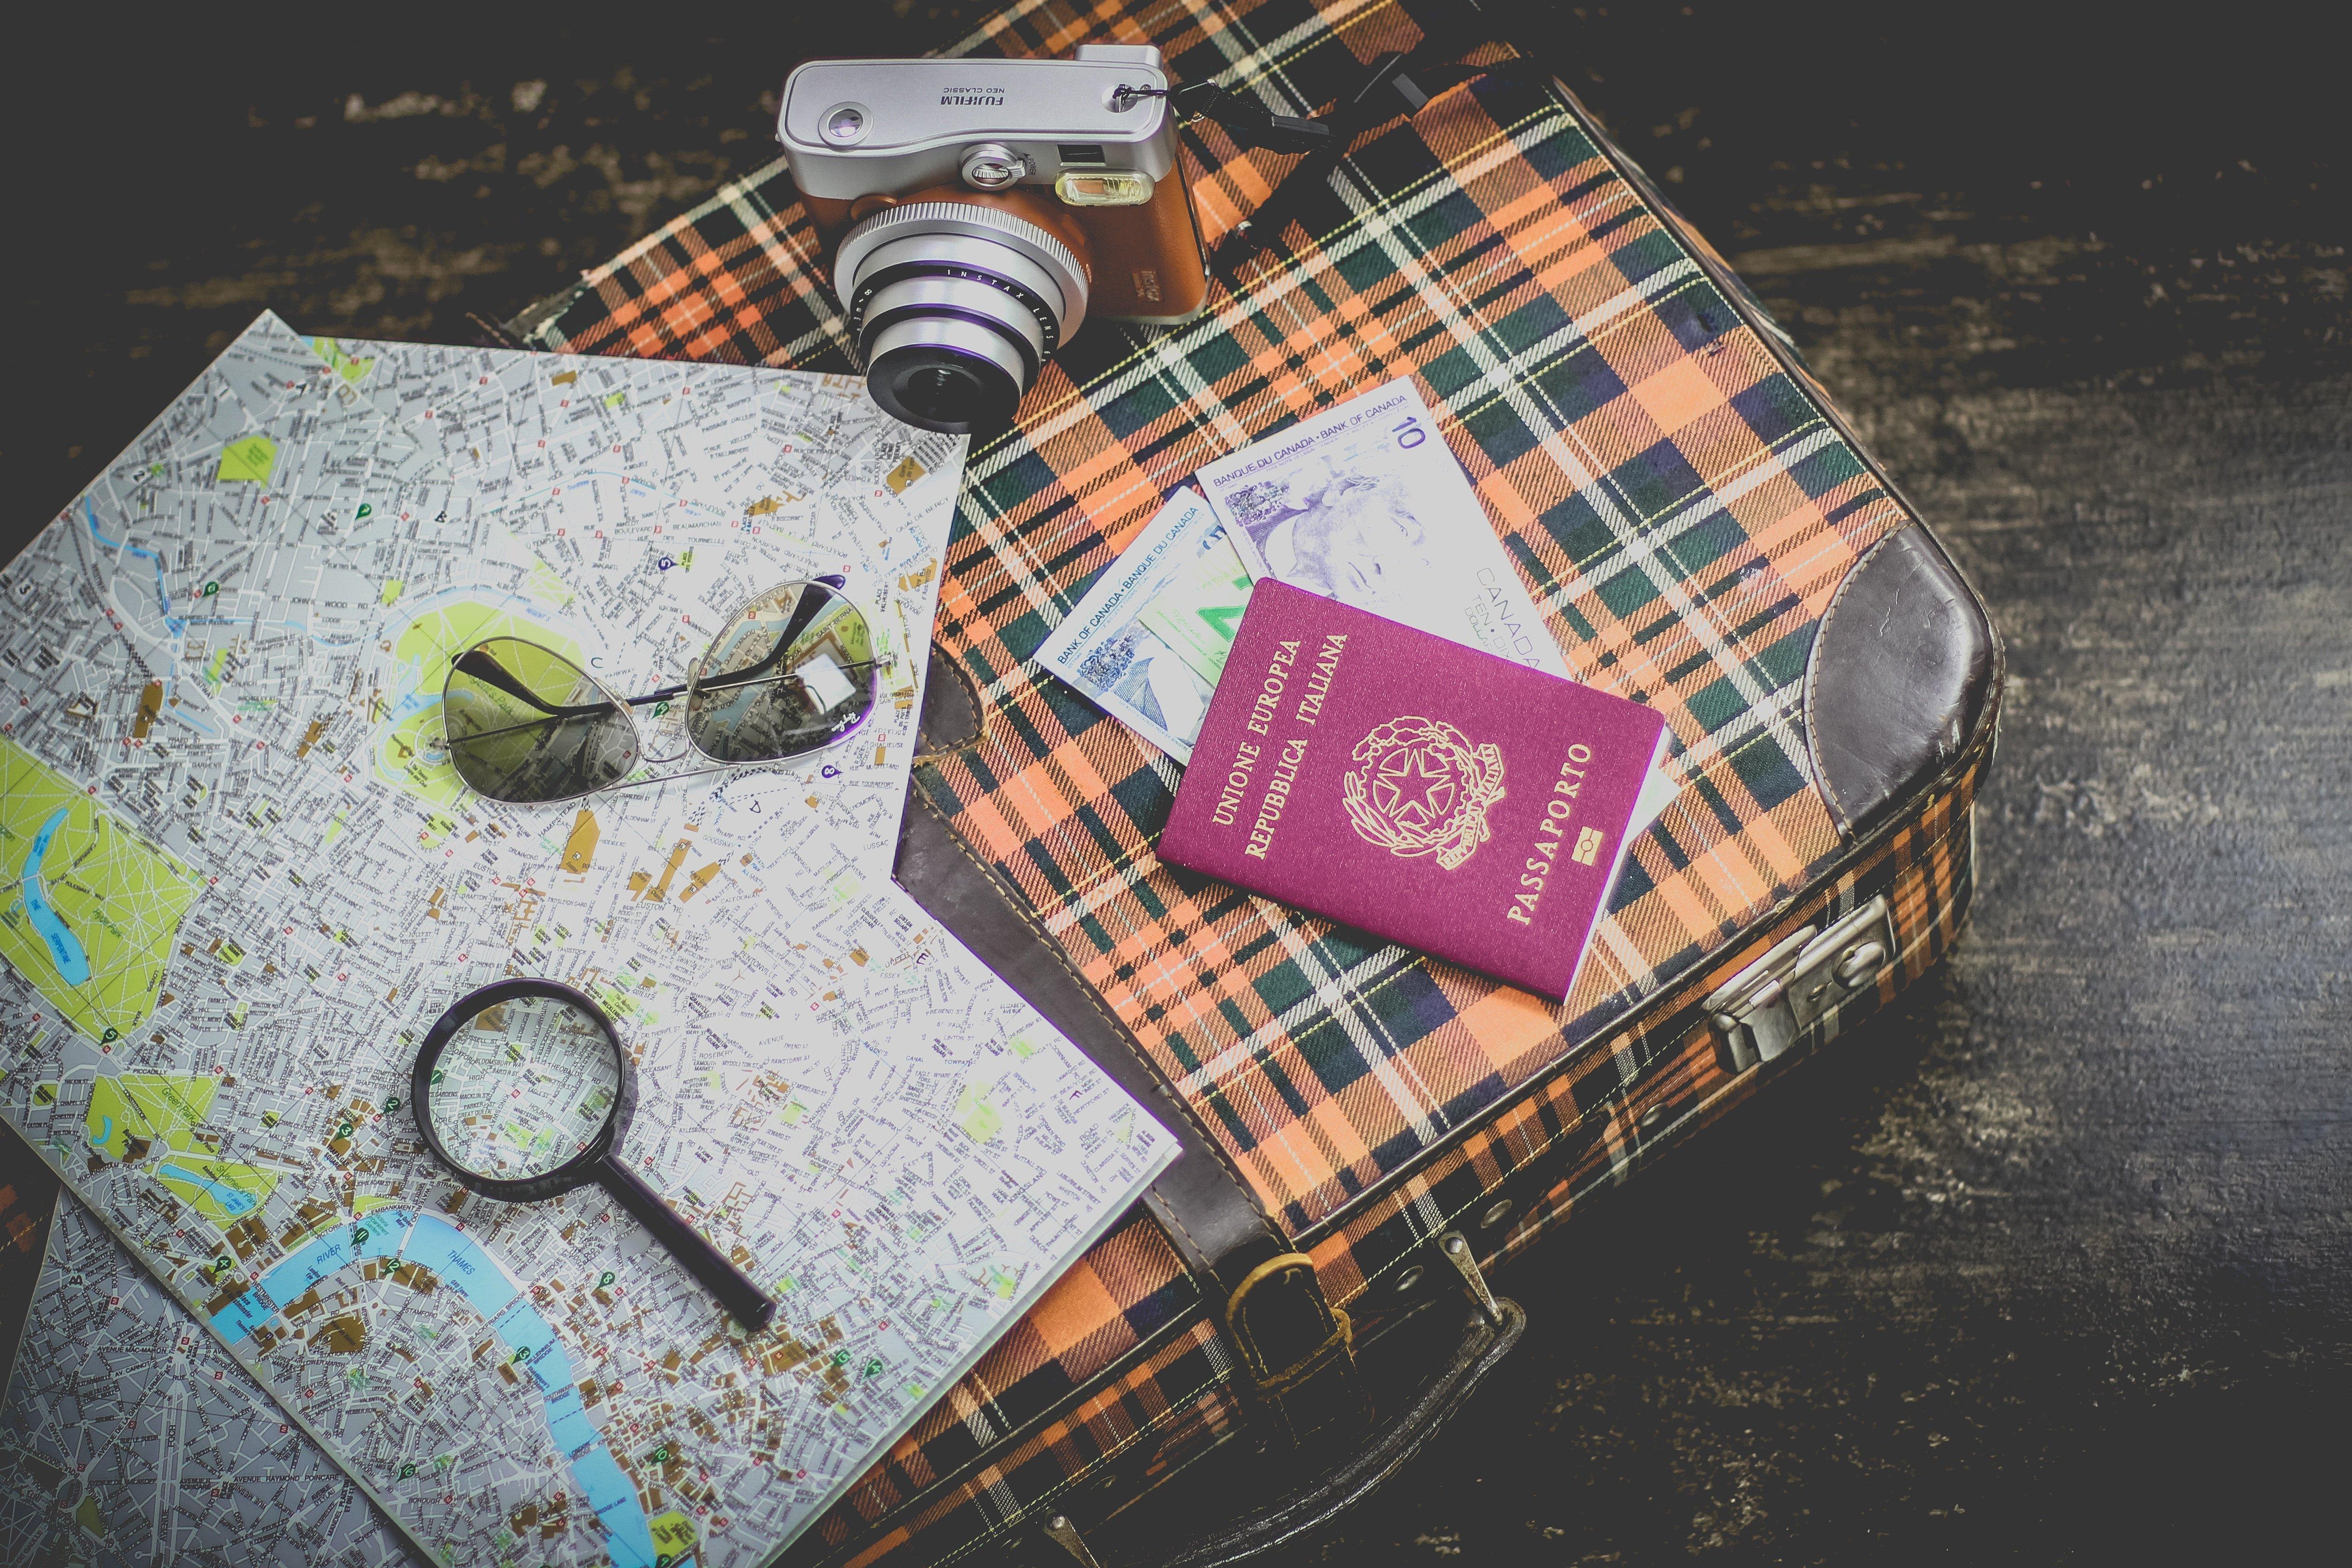 Gute Verstecke Für Wertsachen sicherheit von wertsachen - einkaufsliste: reiseausrüstung für die